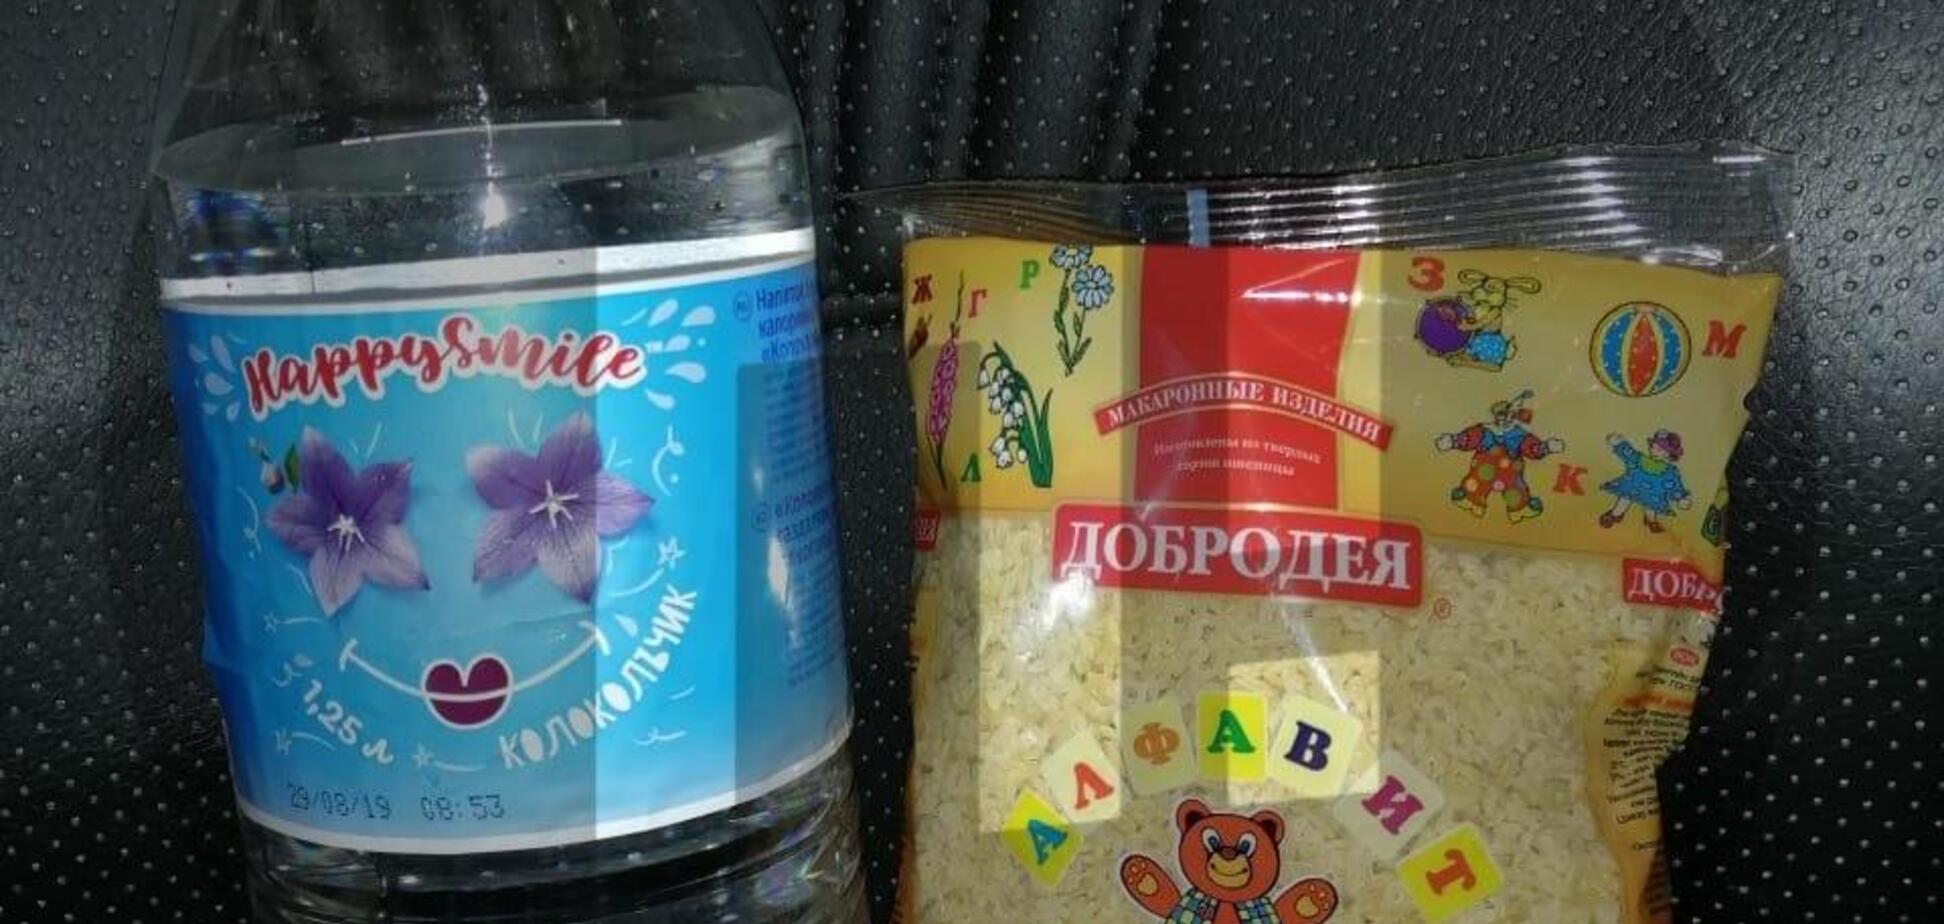 Школьников-отличников наградили за успехи просроченным лимонадом. Фото